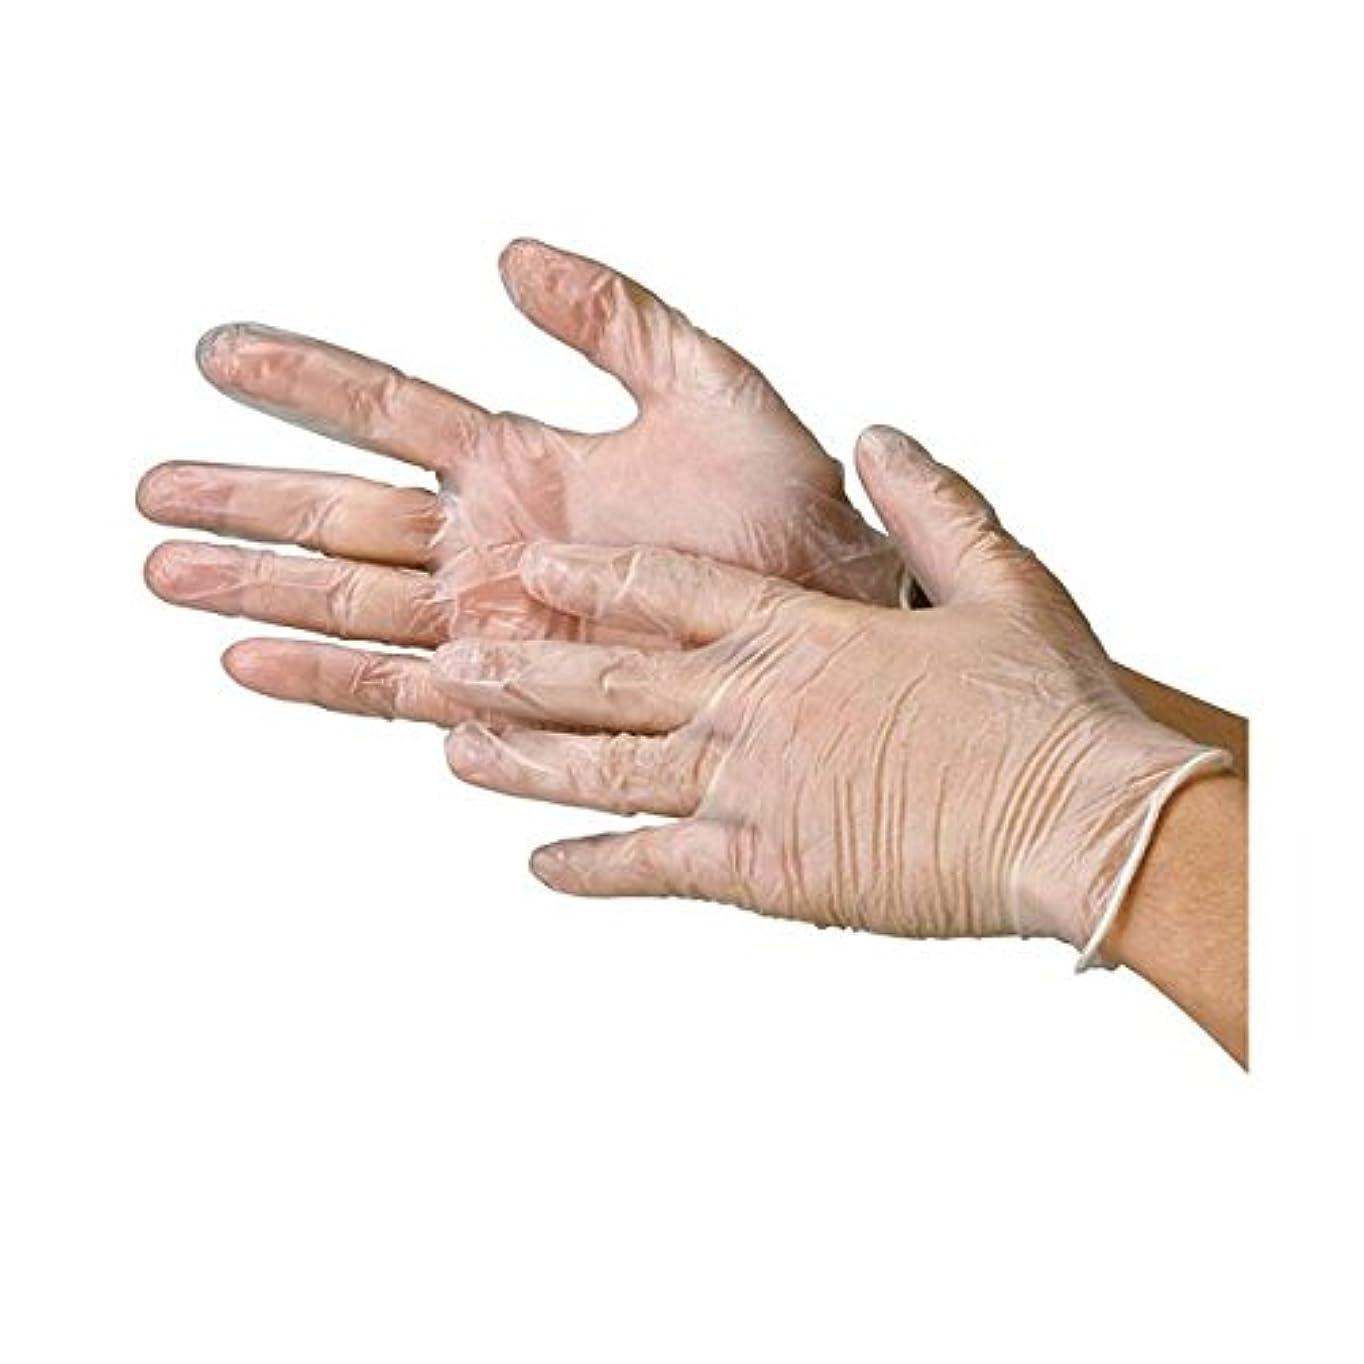 川西工業 ビニール極薄手袋 粉なし S 20箱 ds-1915776